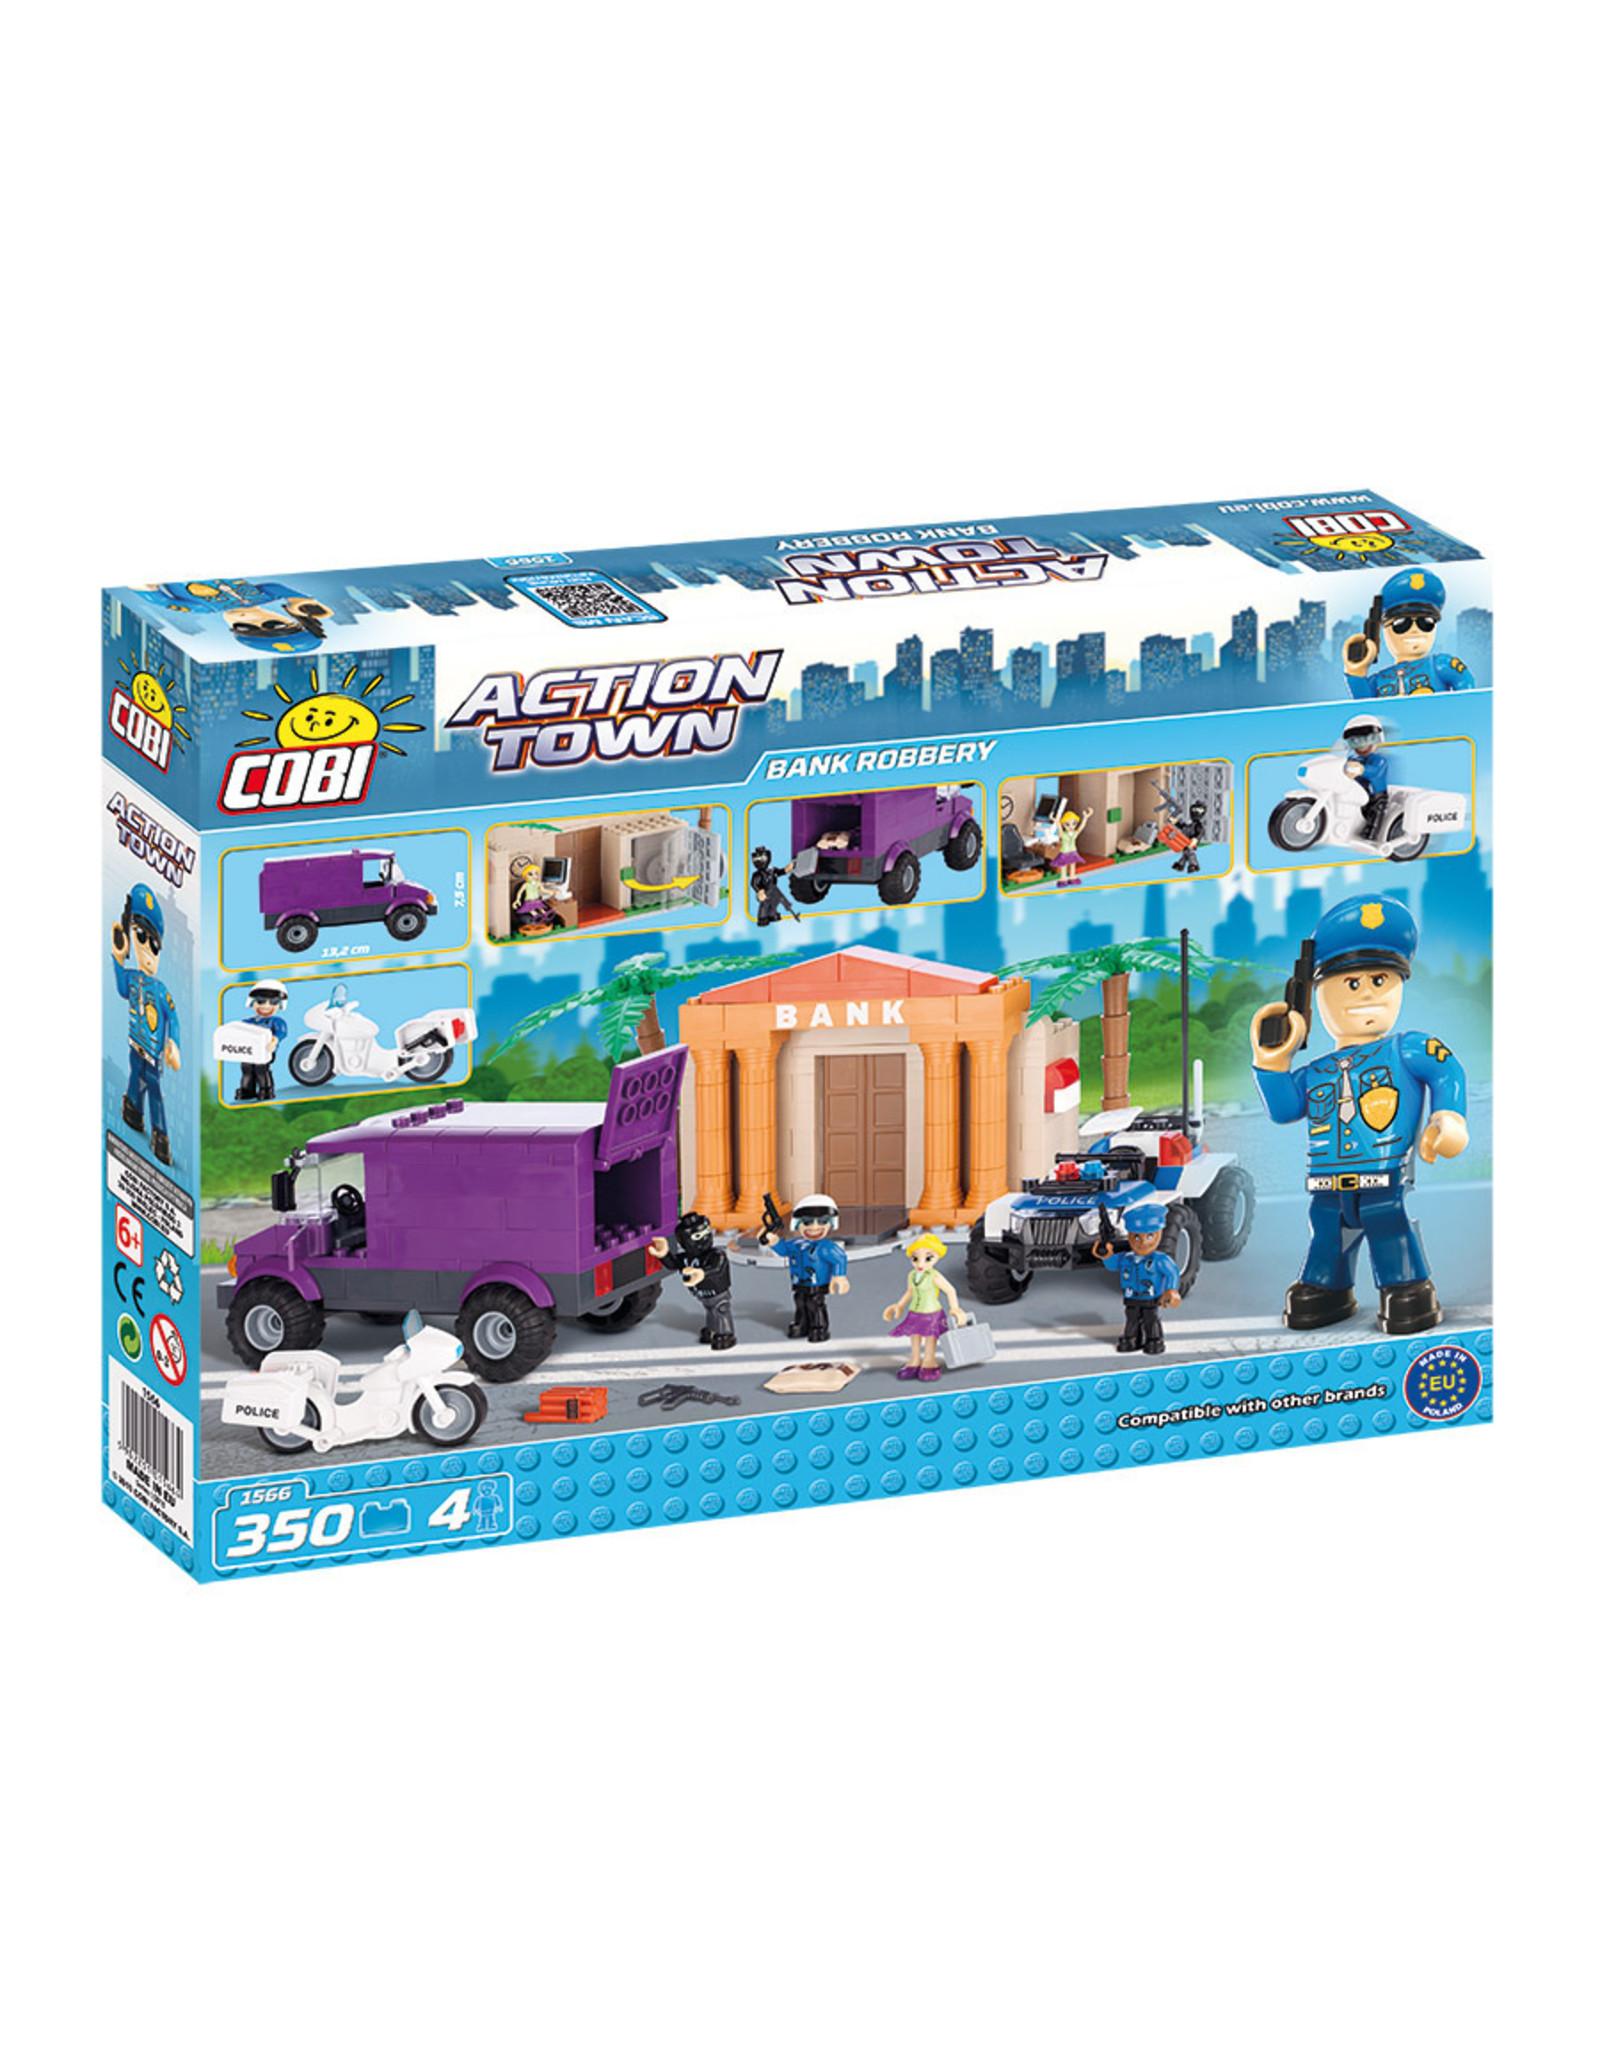 COBI COBI - Action Town 1566 - Bankoverval